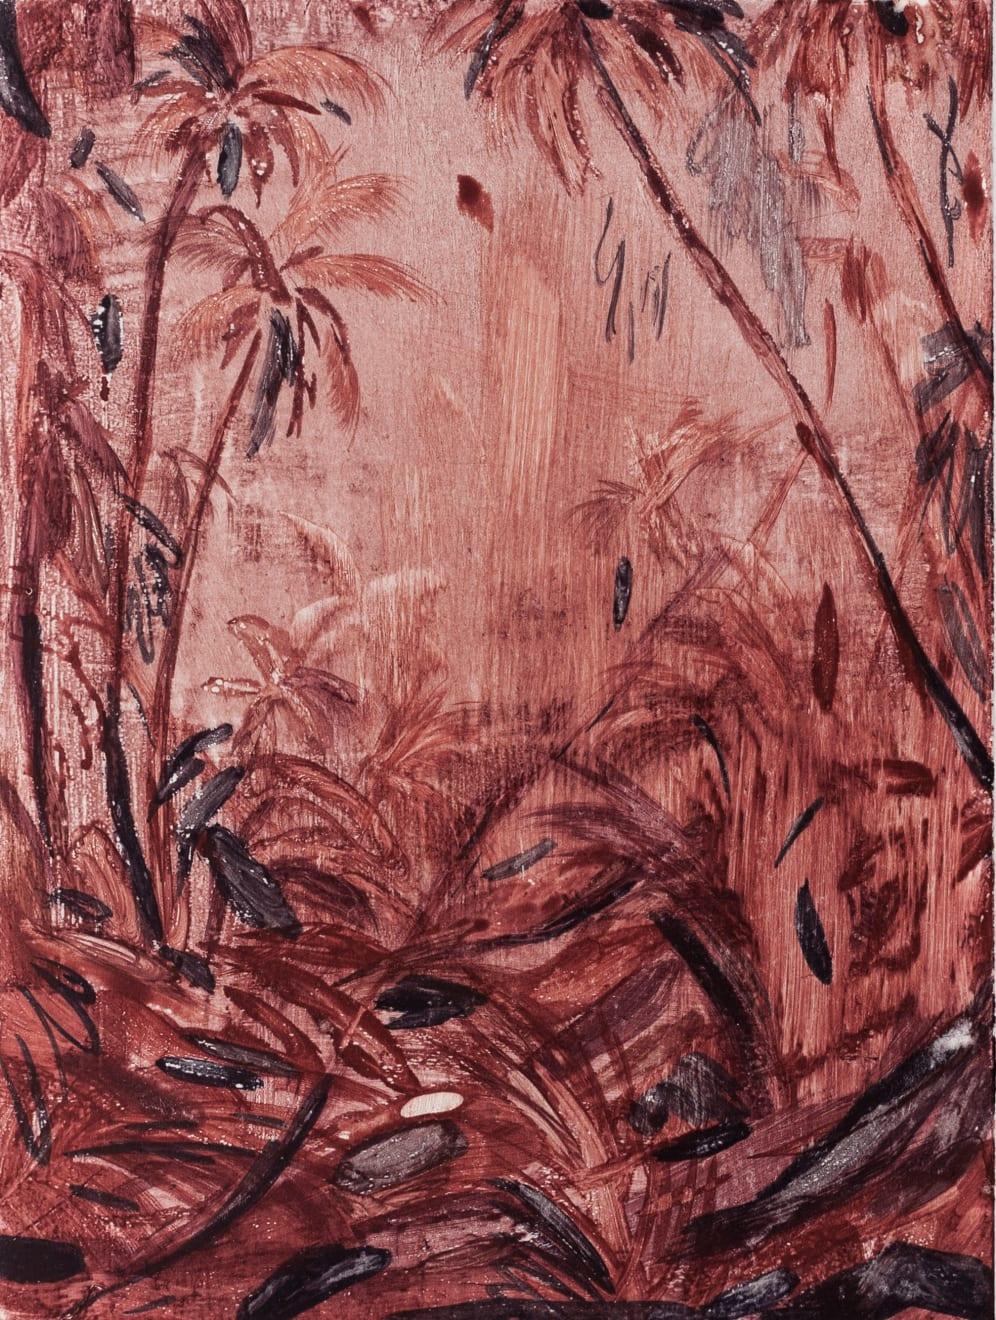 Alexia Vogel Pink Fervor Watercolour Monotype on Hahnemühle Original Image size: 14.7 x 19.8 cm Paper size: 23.7 x 29 cm $300 £150 SOLD